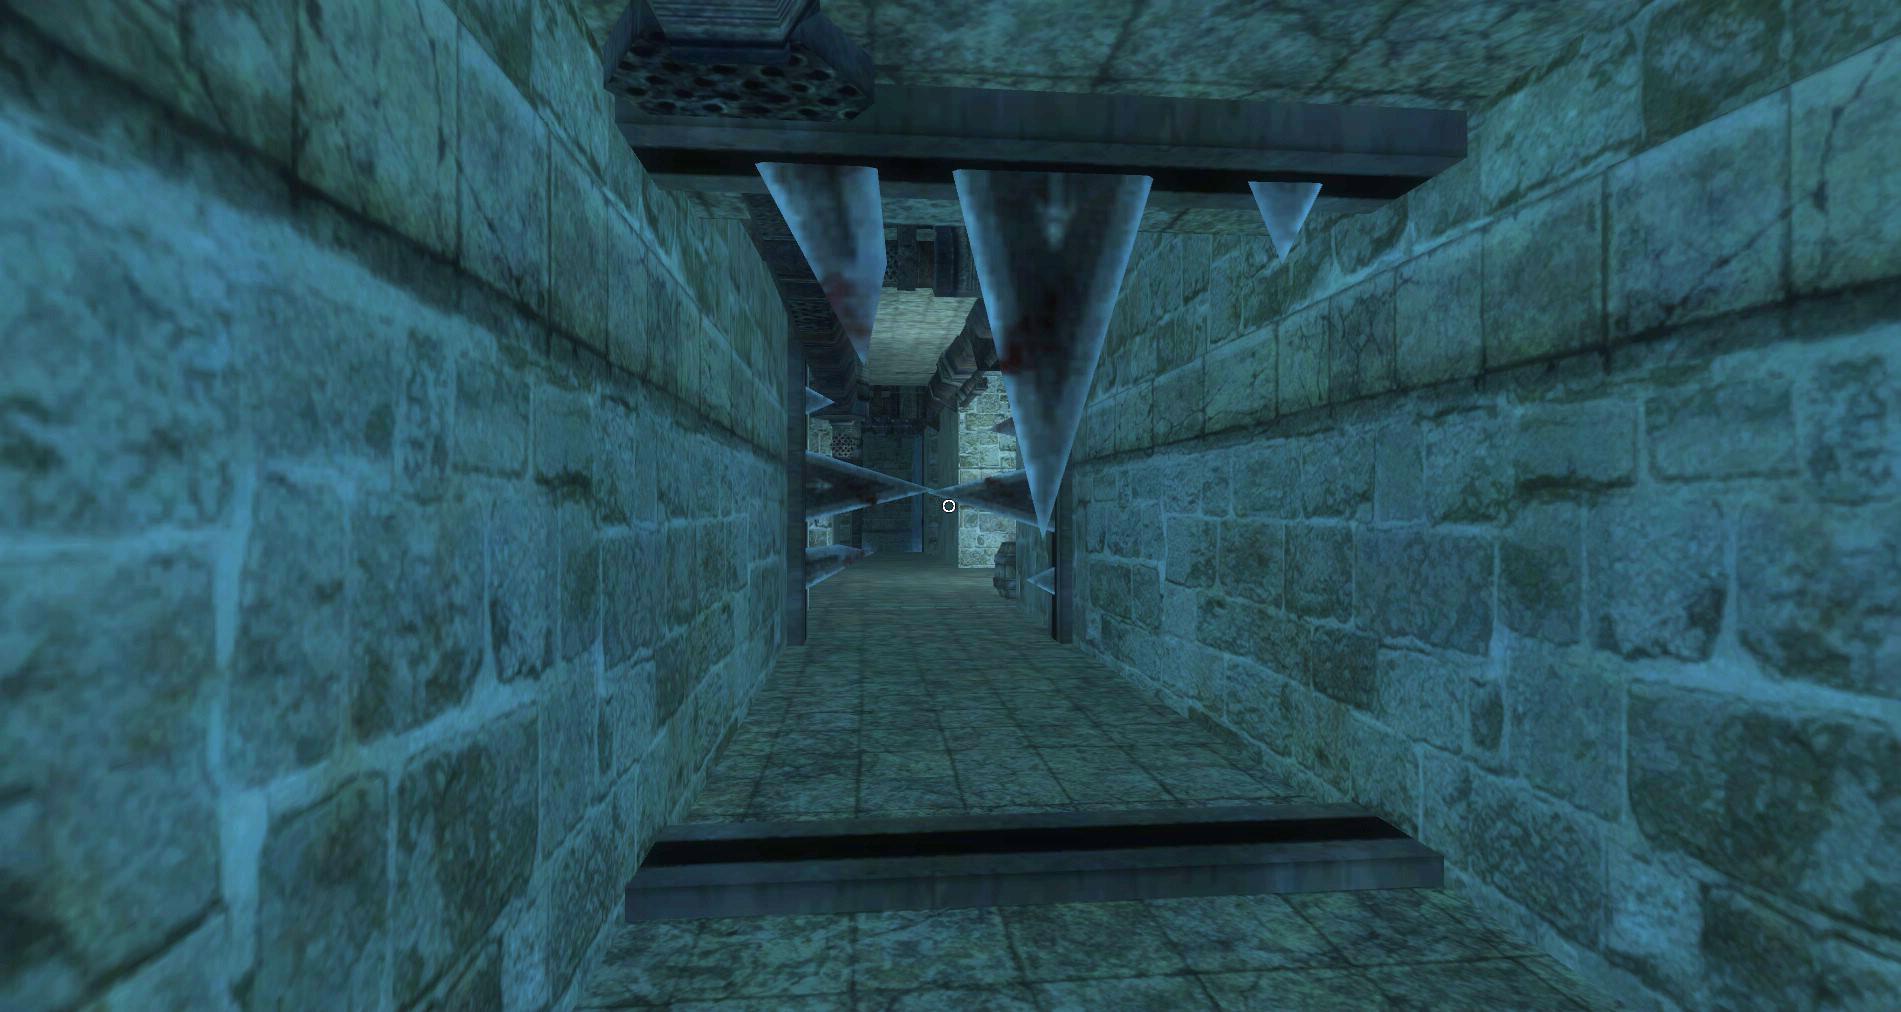 u9-missing-trapped-hallway